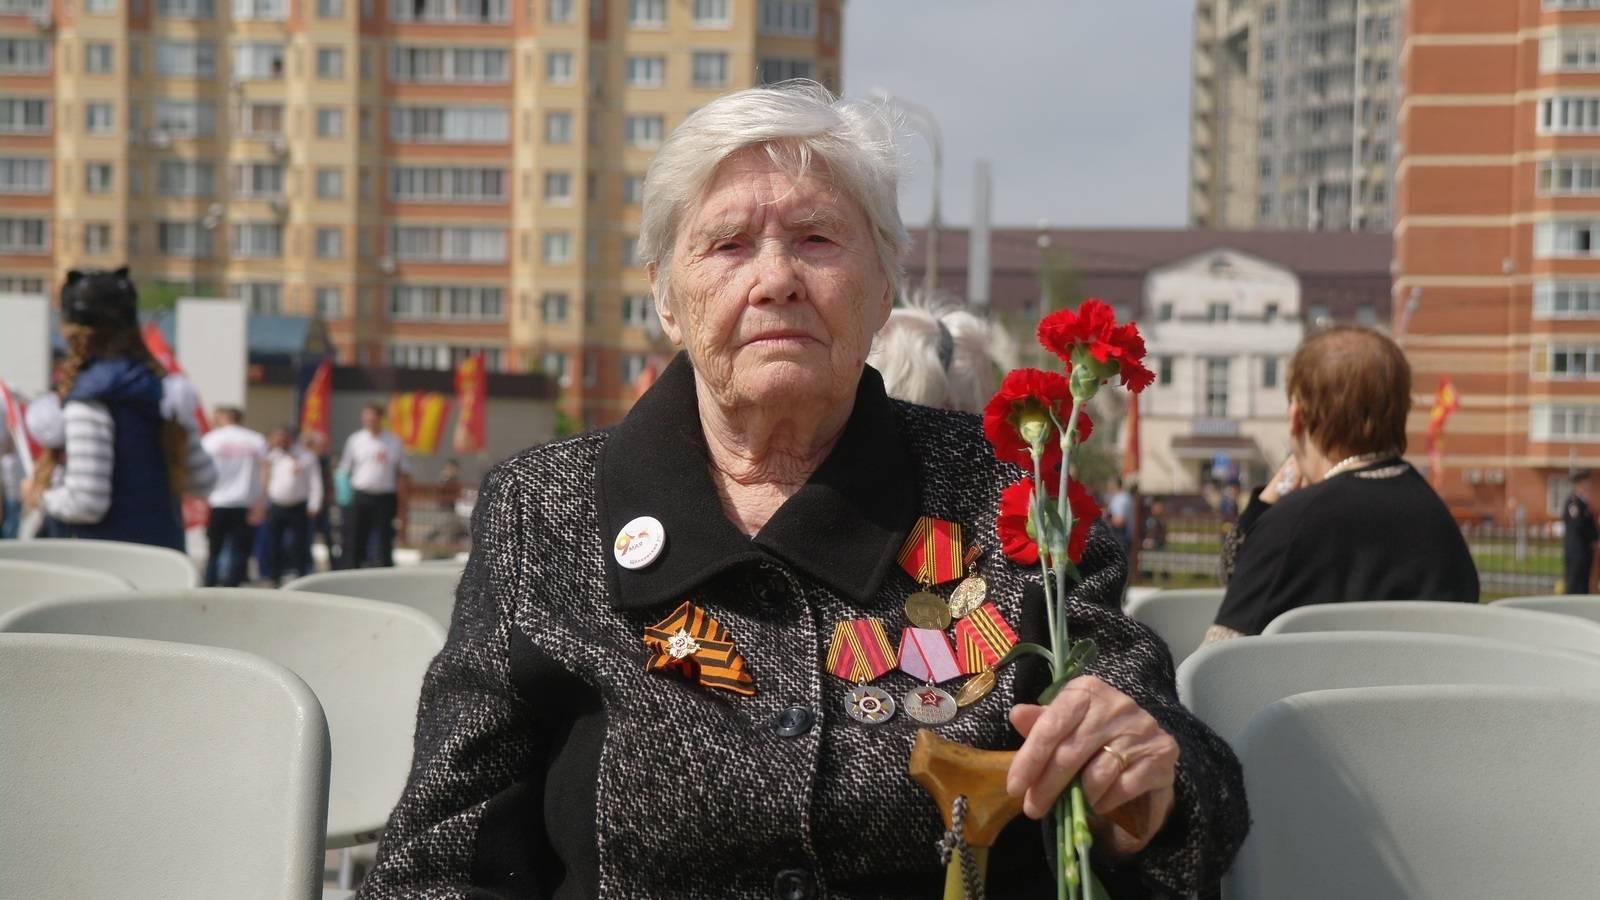 Ветеран труда Сафонова Зоя Сергеевна. Москва (Владимир Васильев © ИА Красная Весна)